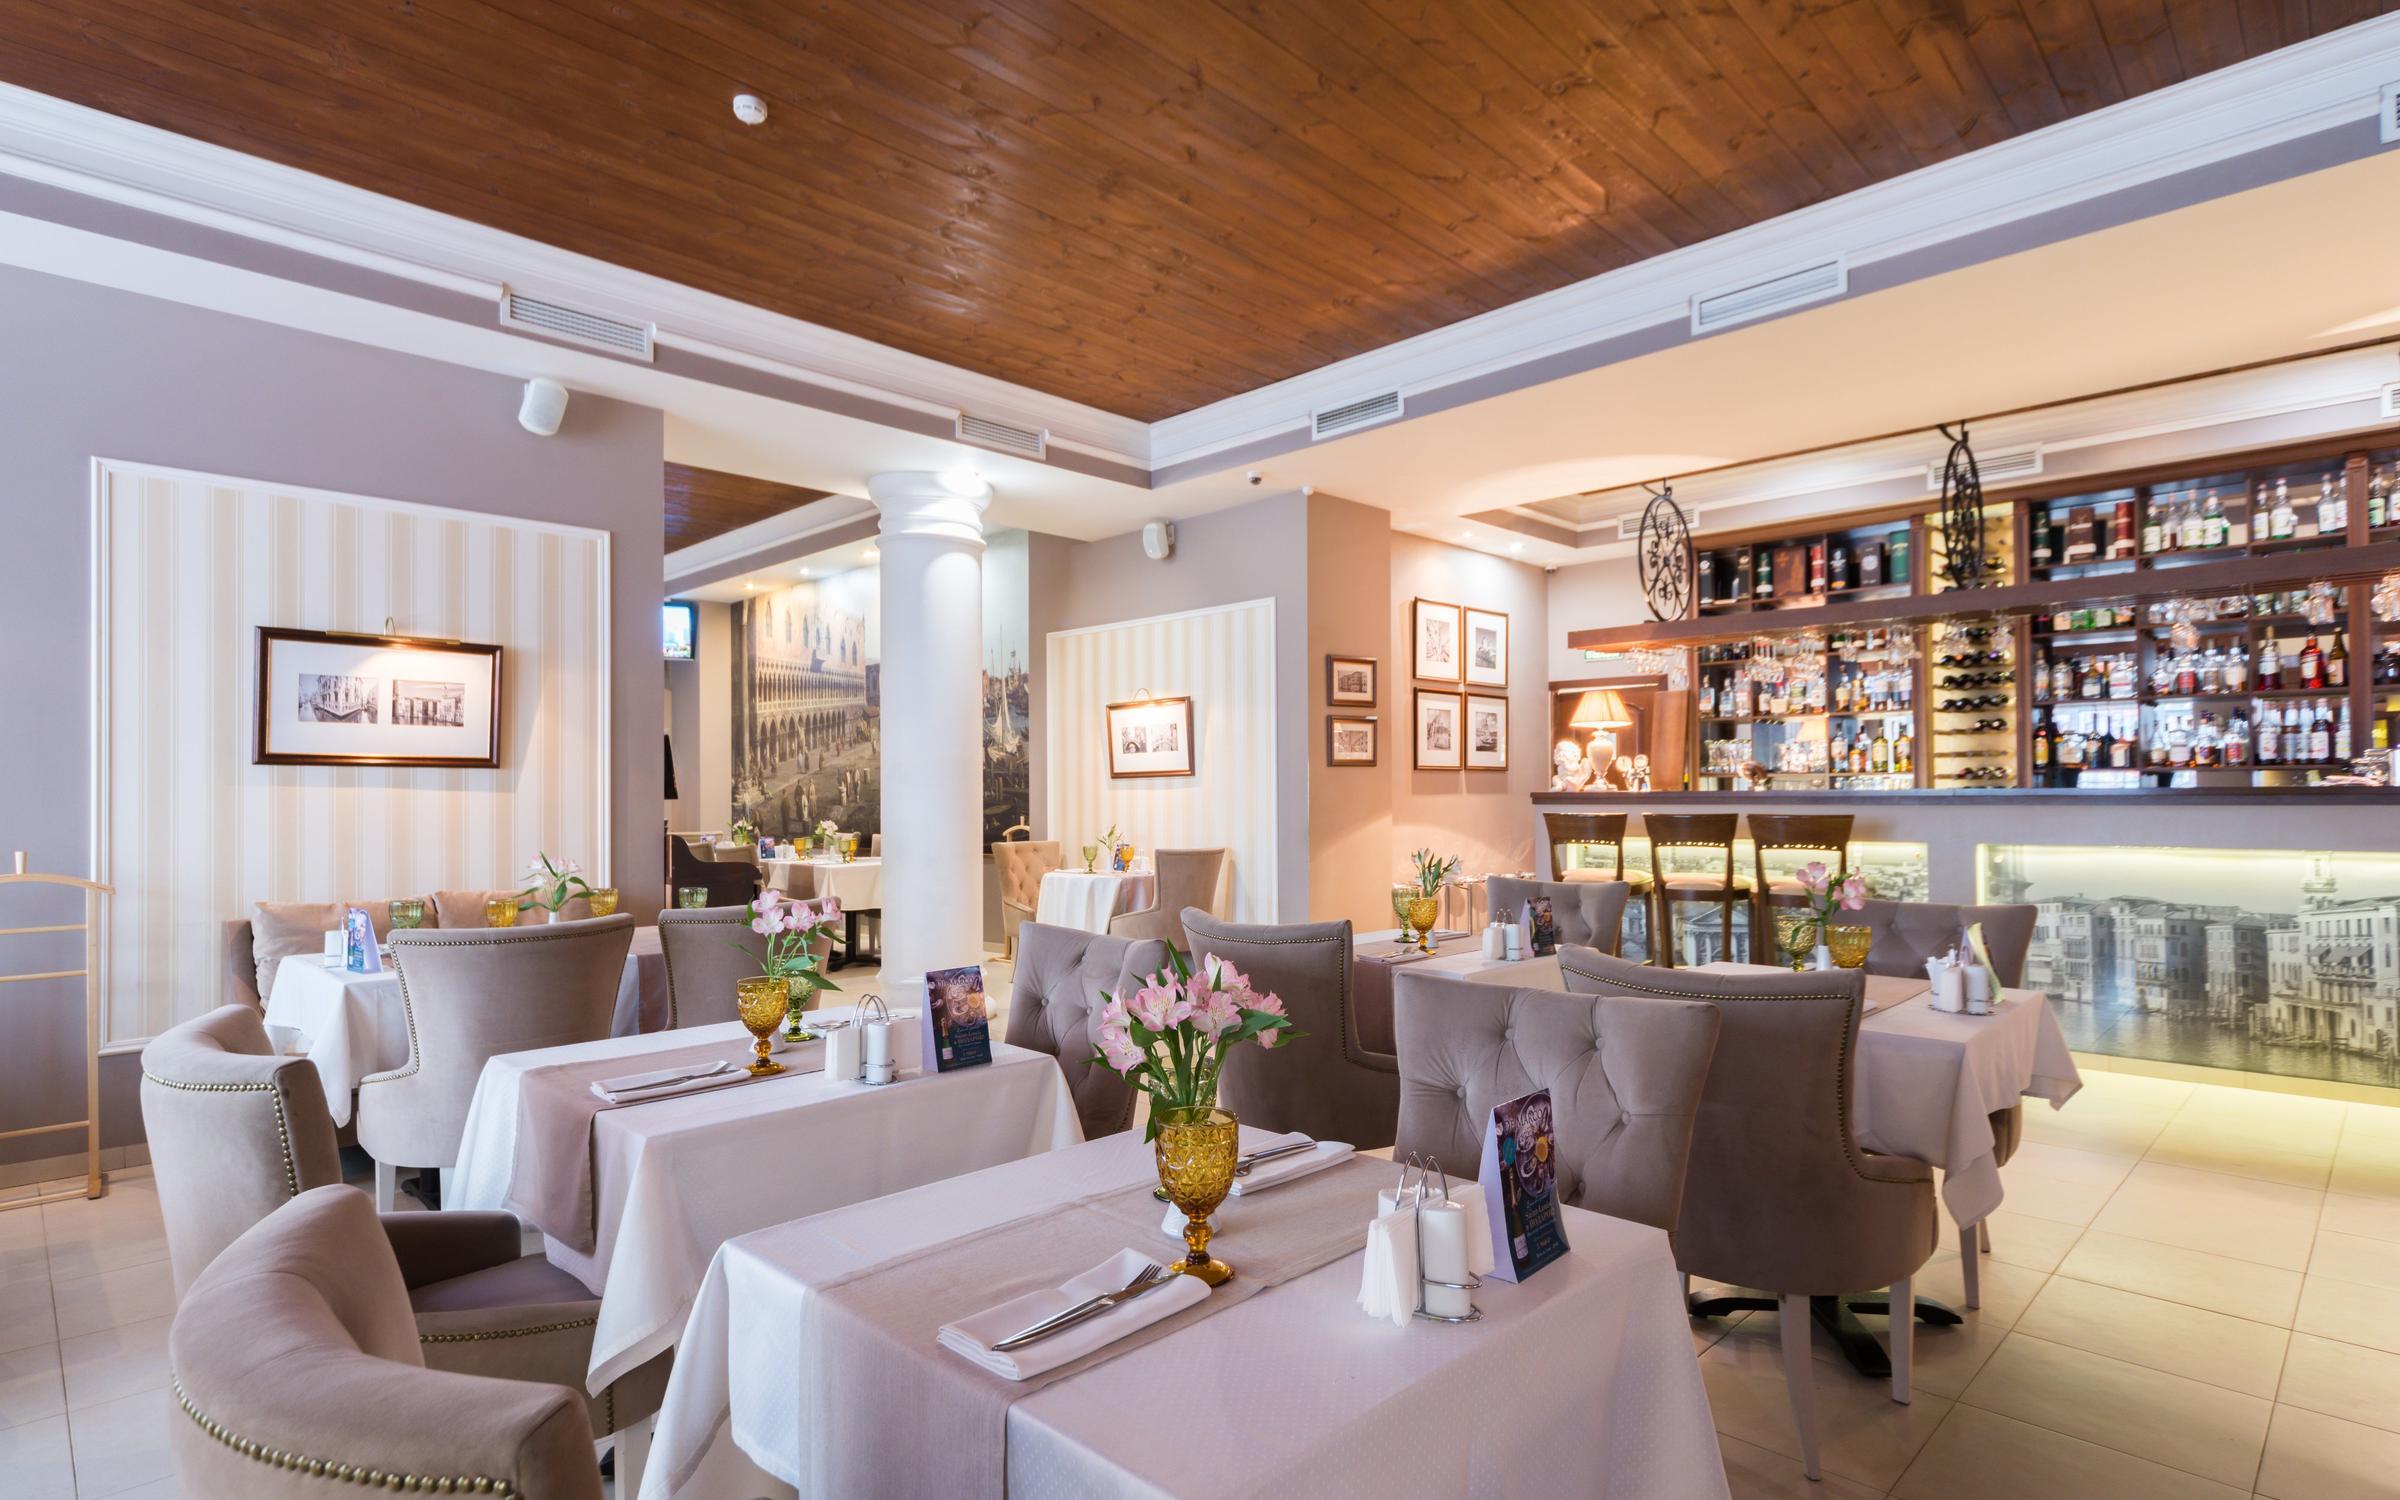 фотография Ресторана Де Марко на Пушечной улице